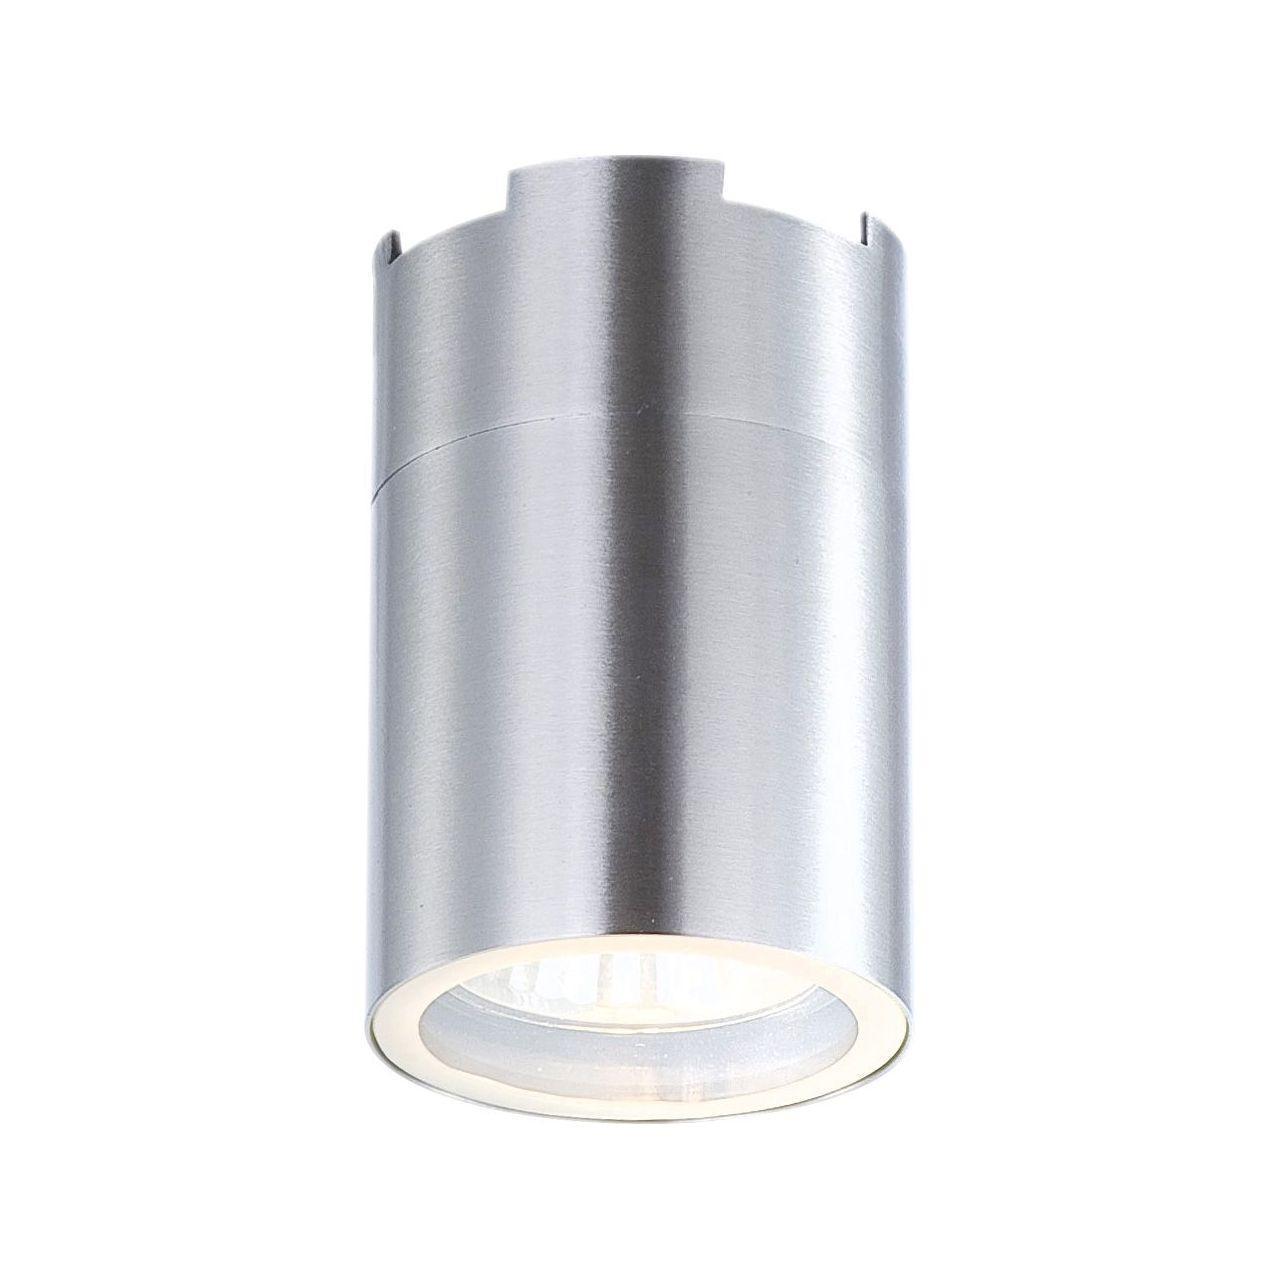 Потолочный светодиодный светильник Globo Style 3202L напольный светильник globo classic style 58224